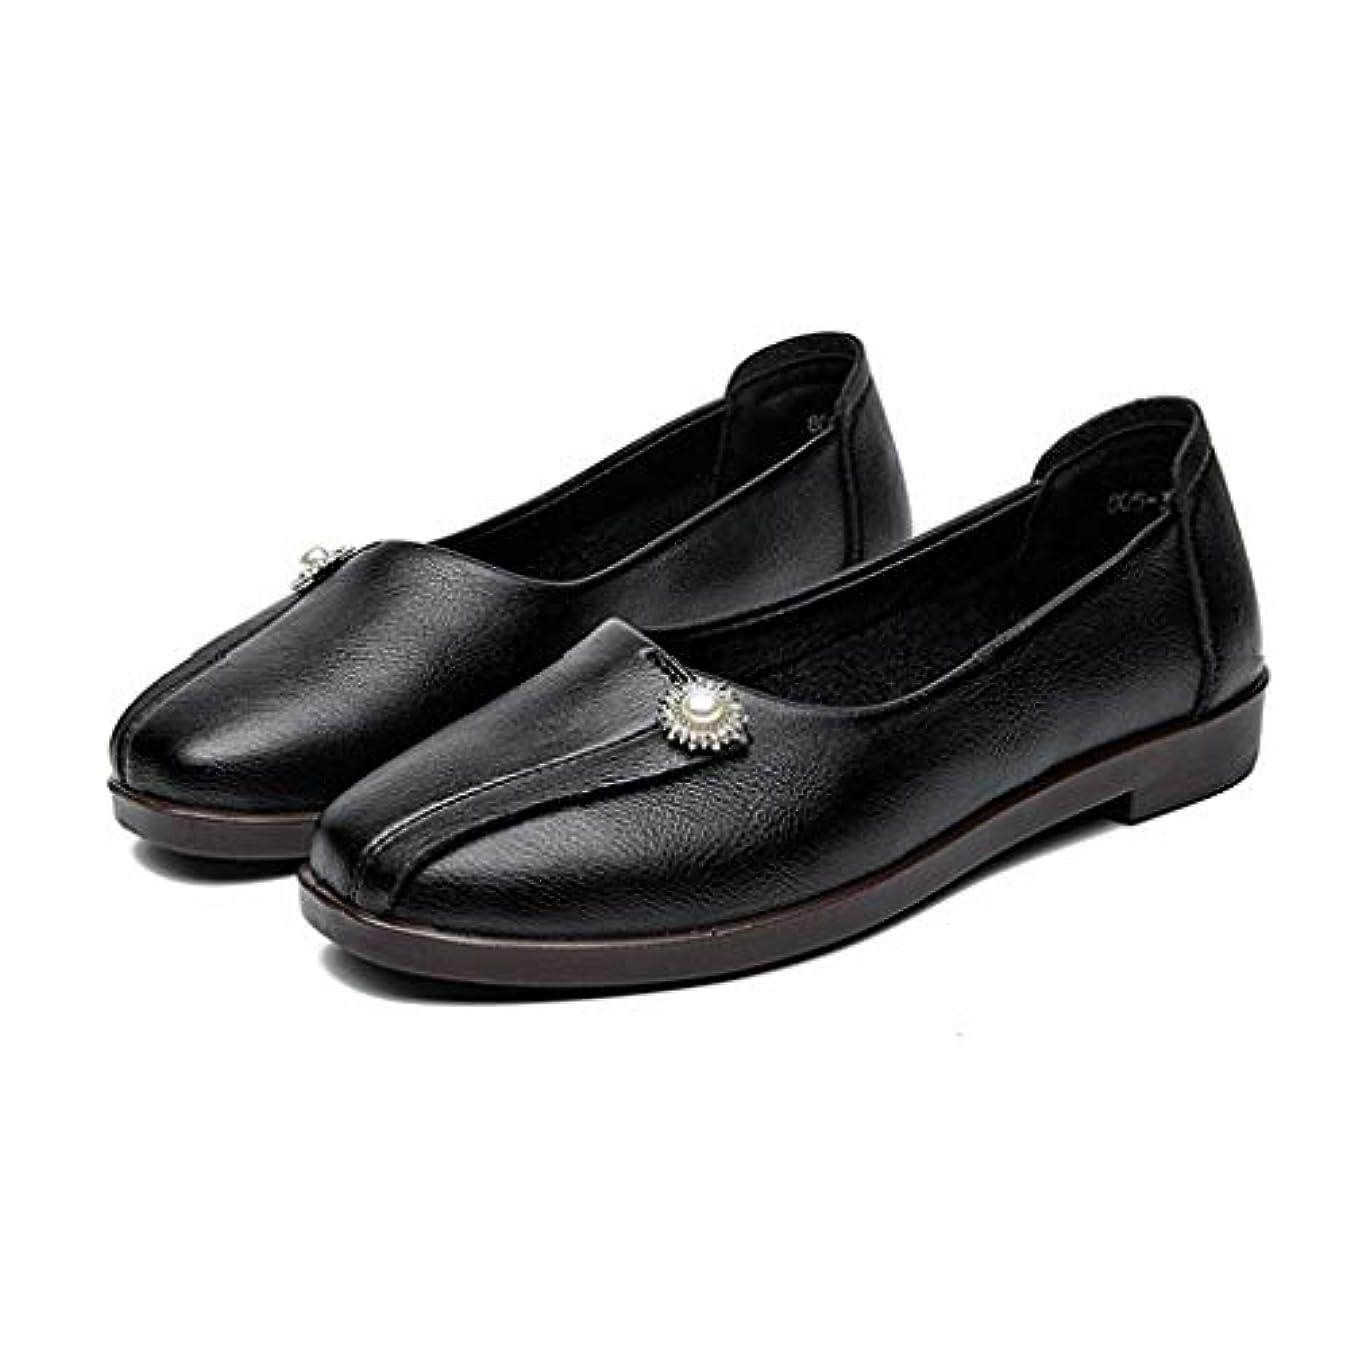 影響を受けやすいですライセンス表示[実りの秋] シニアシューズ レディース 25.5CMまで お年寄りシューズ キラキラ 疲れにくい 滑り止め 婦人靴 モカシン 介護用 軽量 安定感 通気性 高齢者 母の日 敬老の日 通年